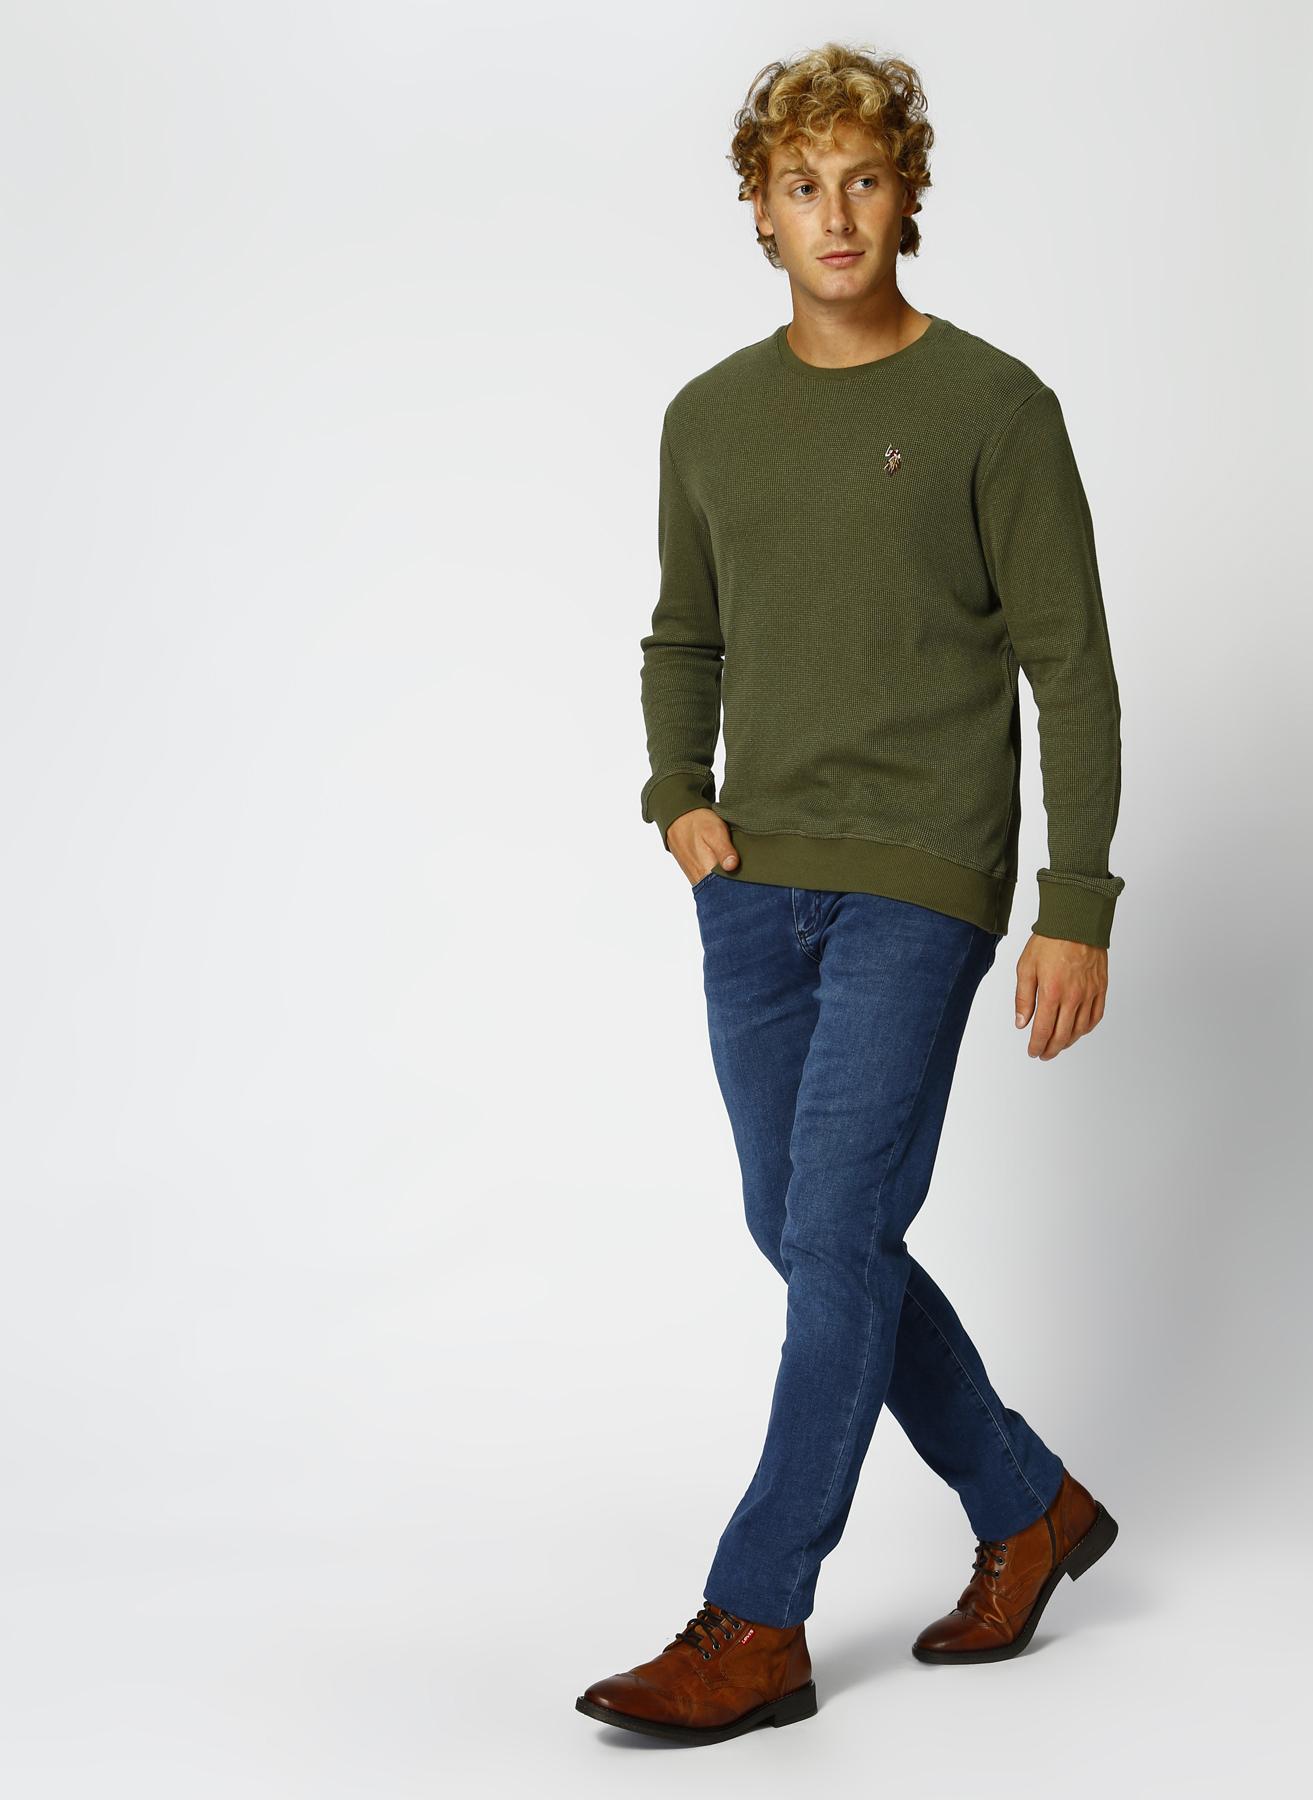 U.S. Polo Assn. Neon Lacivert Denim Pantolon 30-32 5001704832001 Ürün Resmi